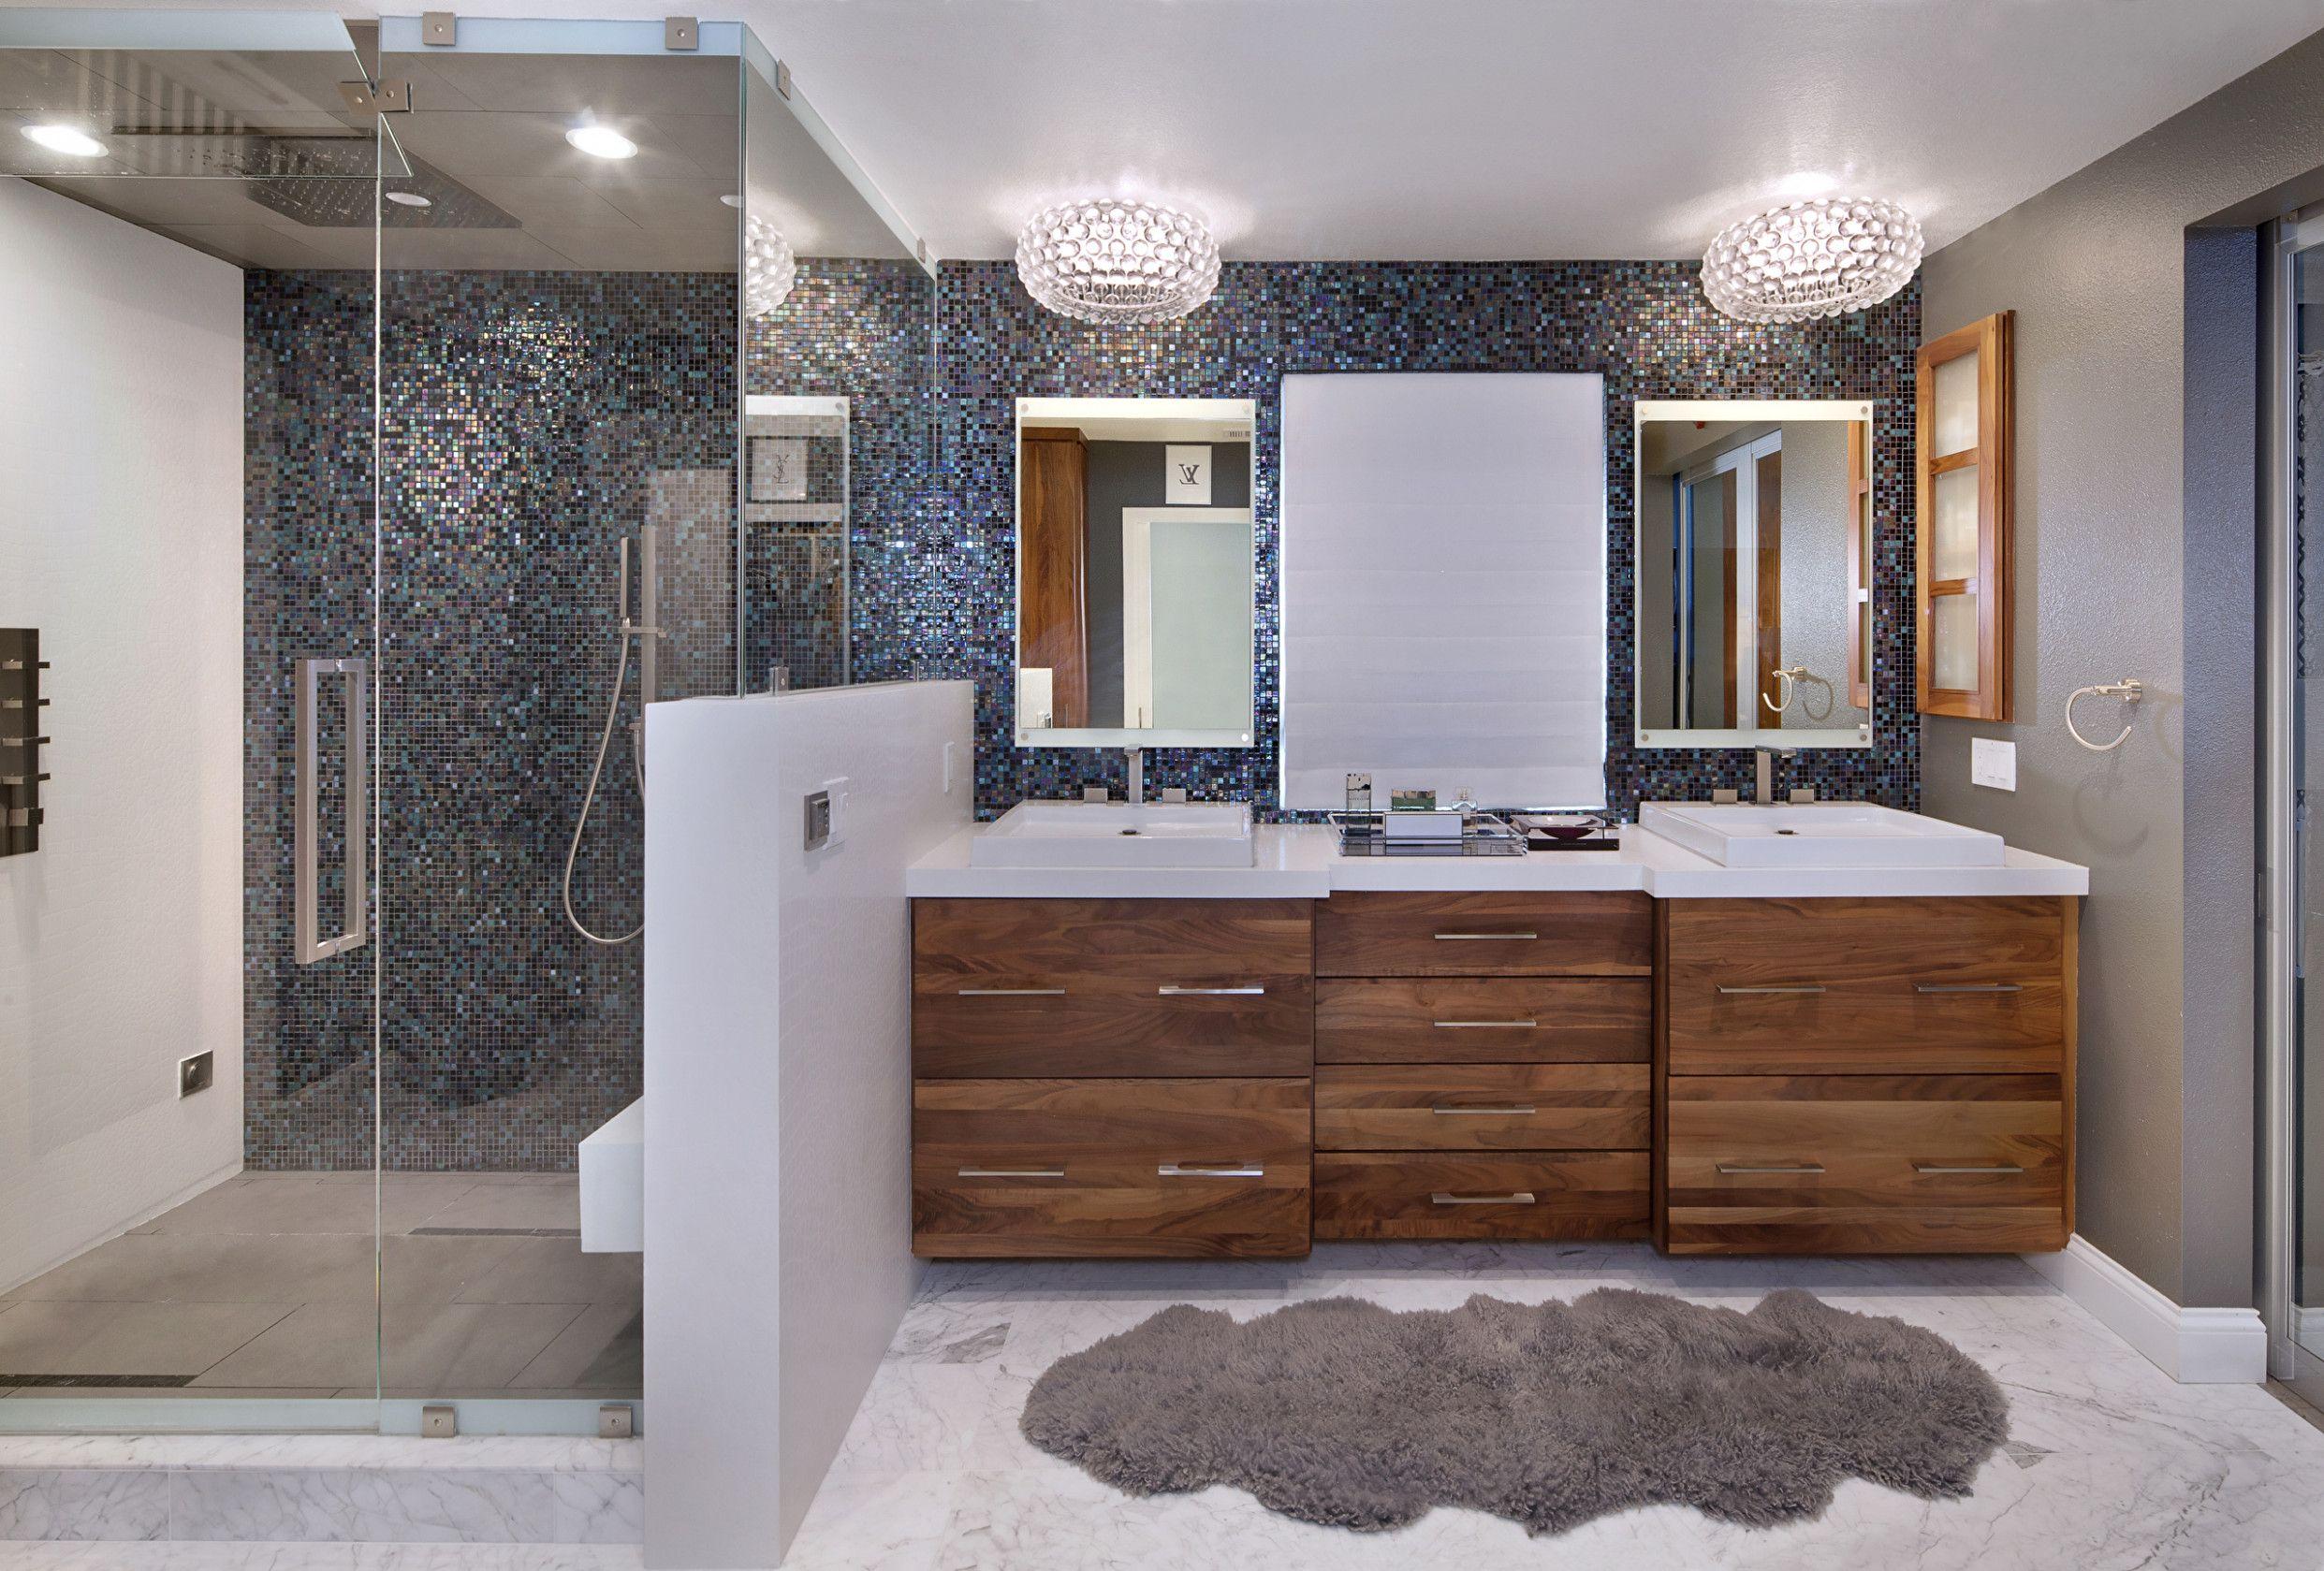 14 Rechte Lampe Decke In 2020 Badezimmer Umgestaltung Lampen Decke Badezimmer Renovieren